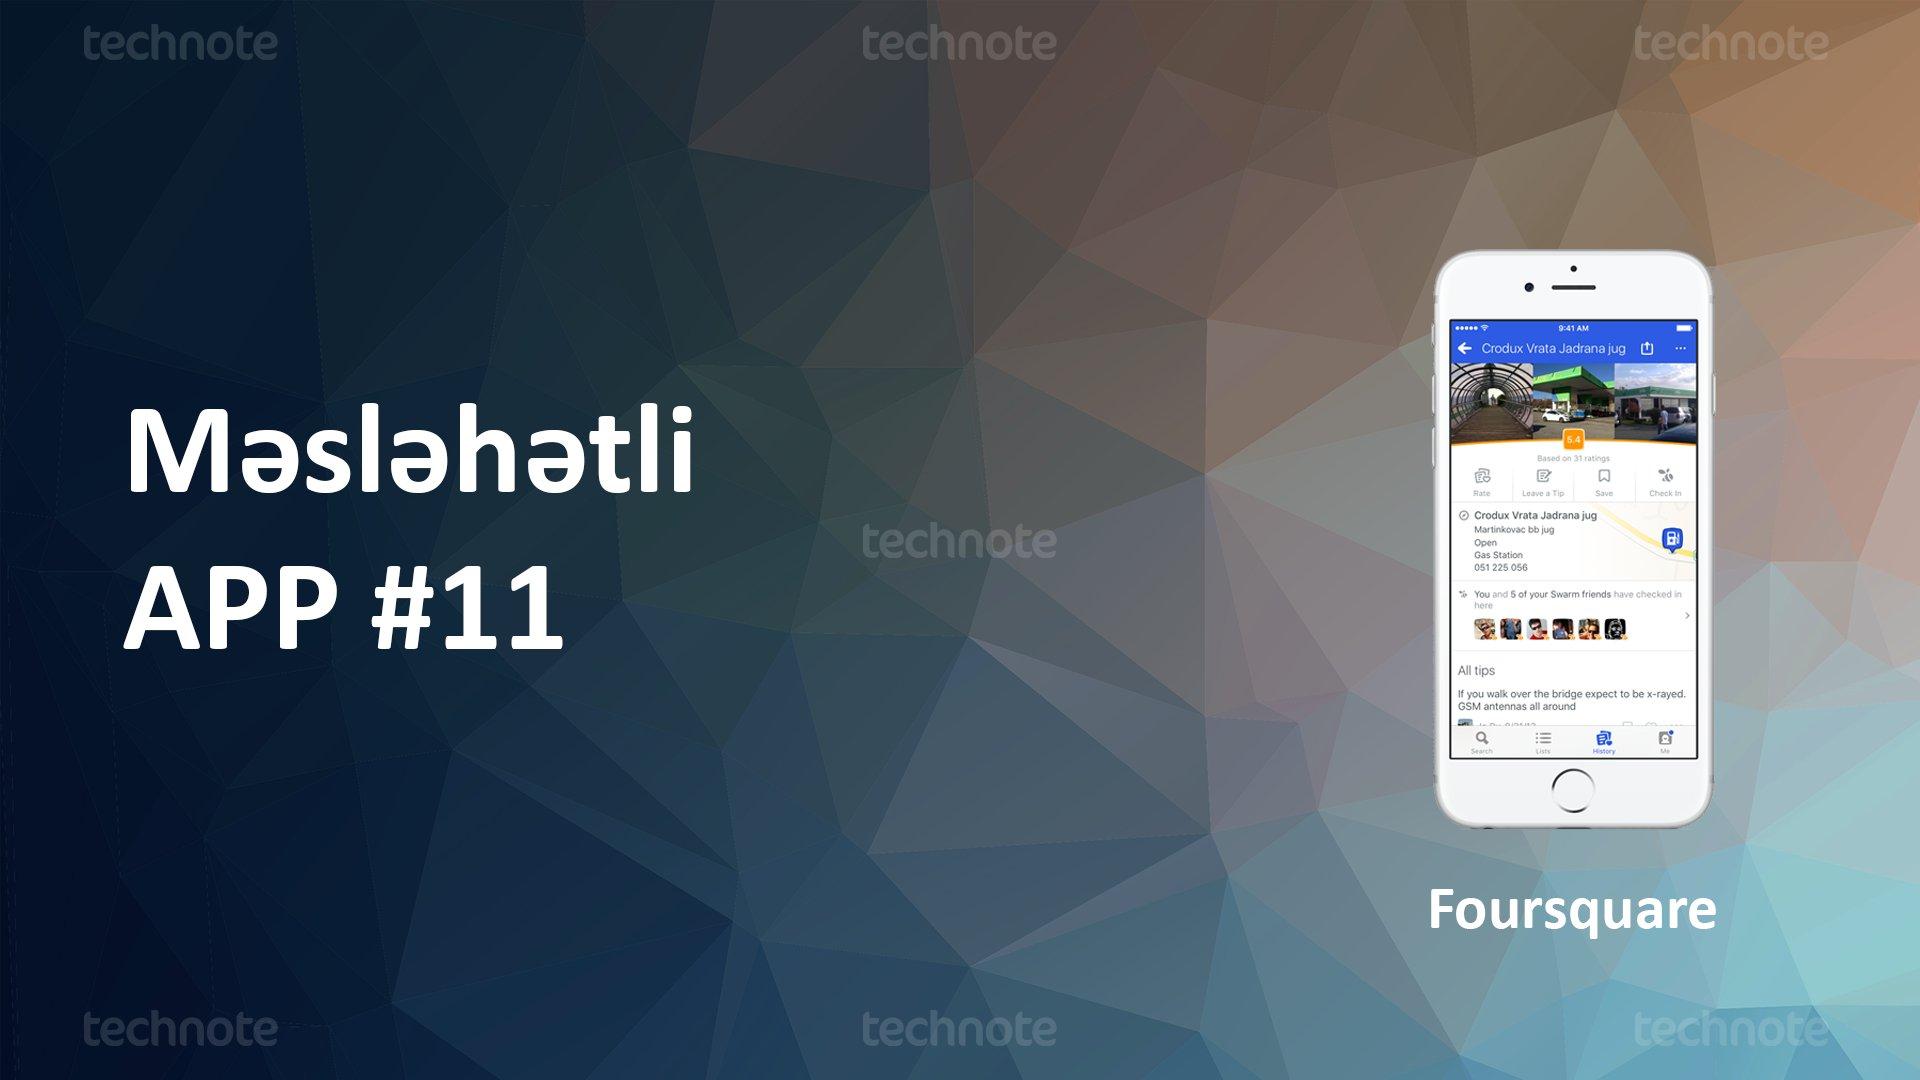 Məsləhətli App #11: 'Foursquare' - Ən yaxşı şəhər bələdçisi (İCMAL)